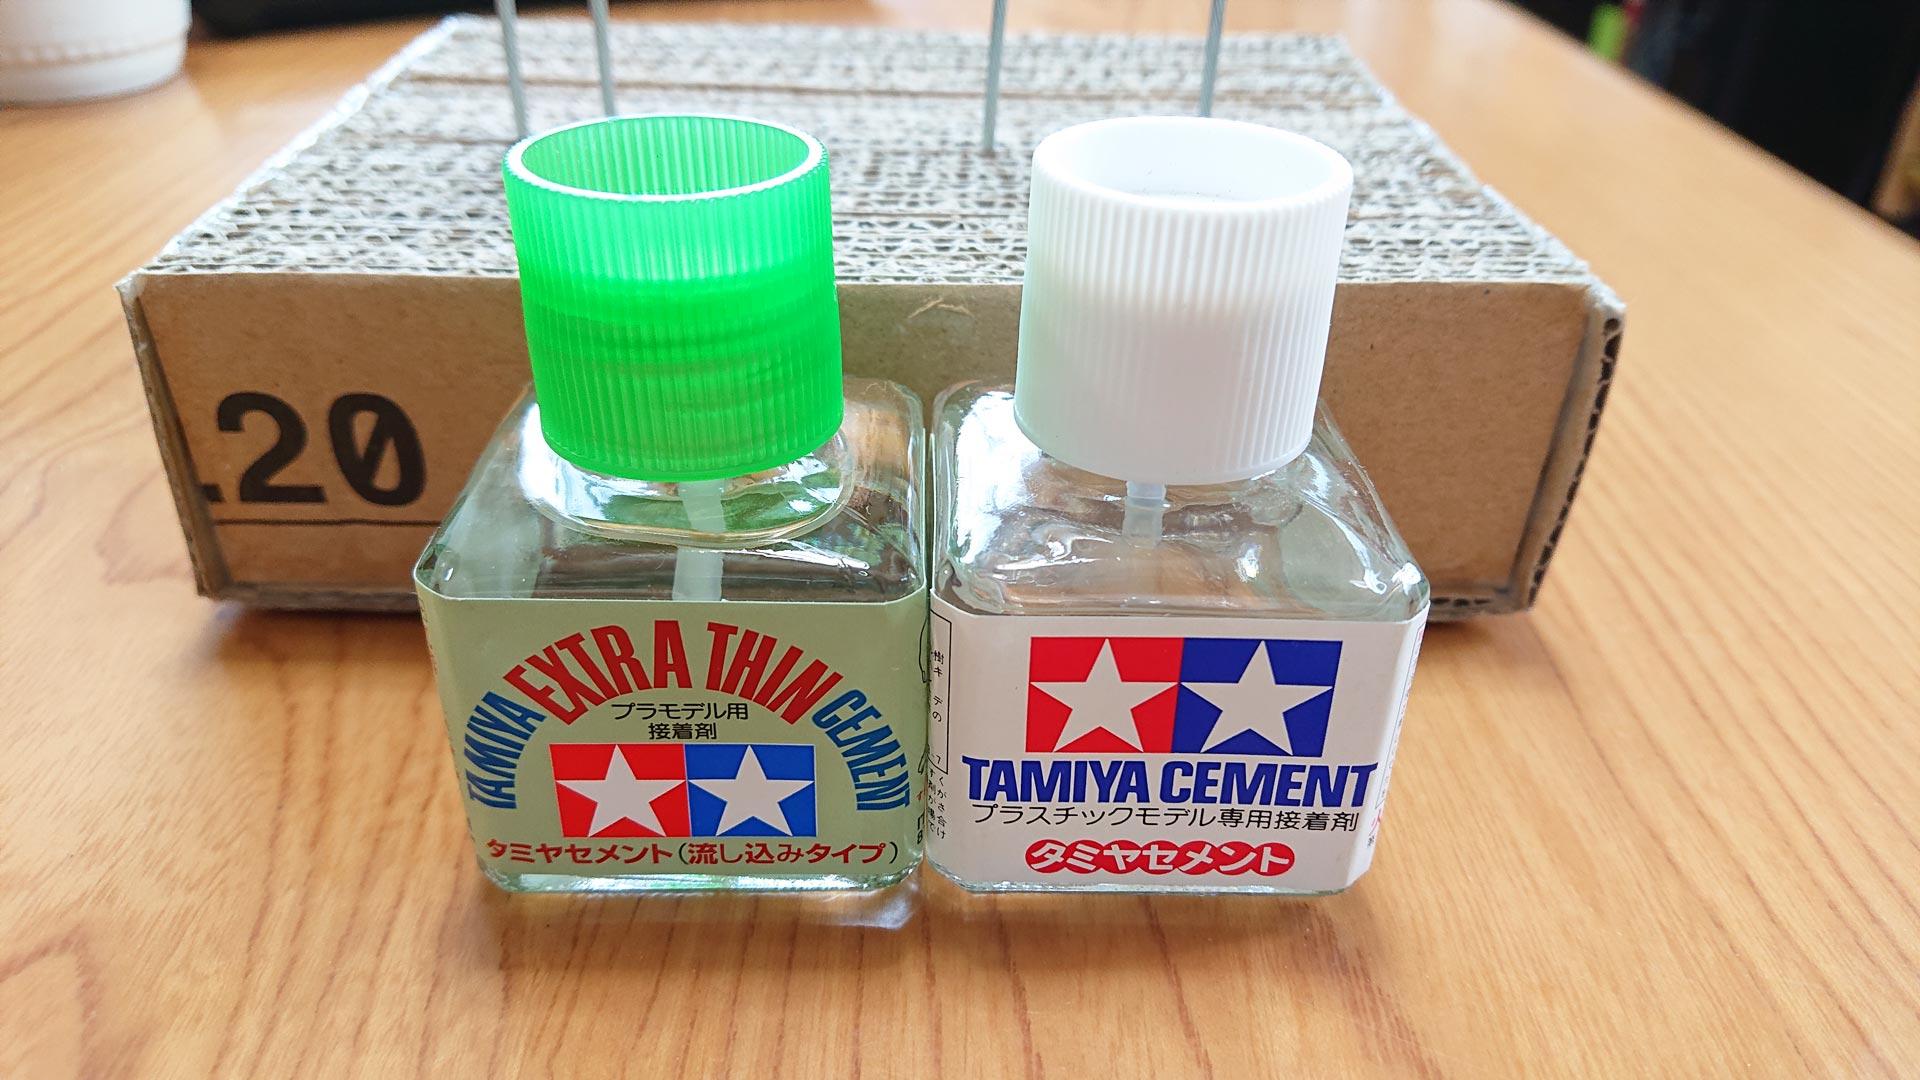 タミヤ樹脂系接着剤 タミヤ流し込み接着剤